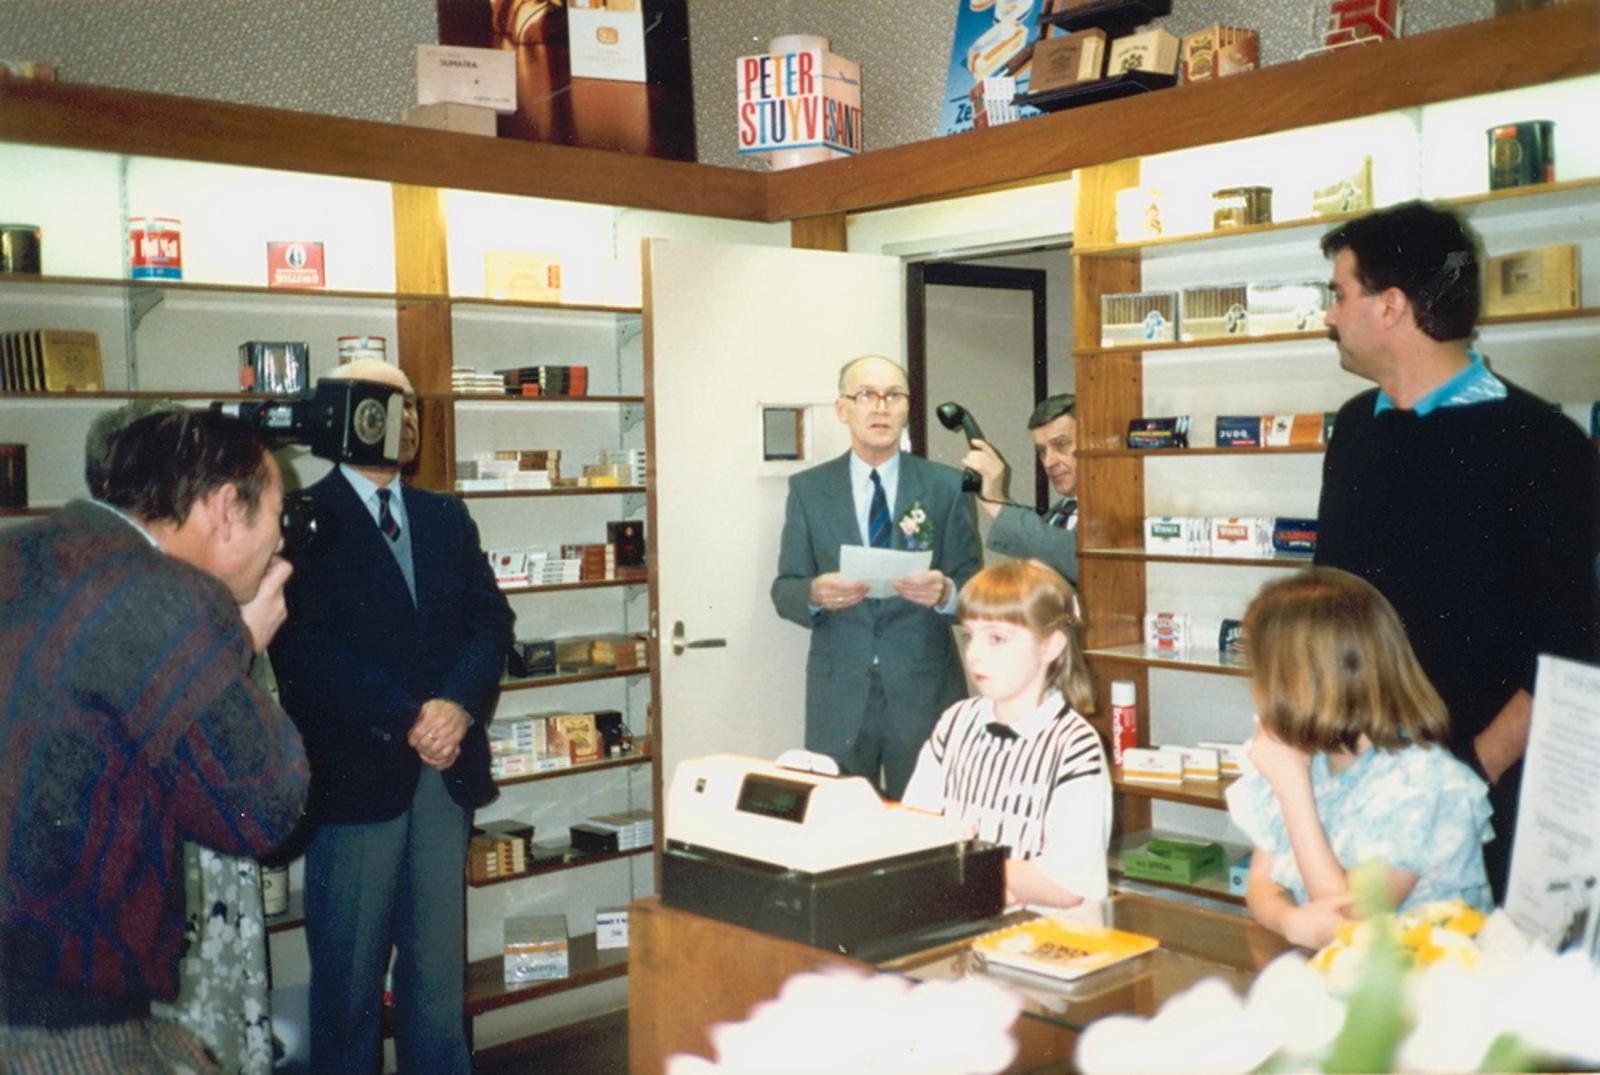 Marktlaan O 0022 1988 Sigarenboer Kraak 50jr Jub en Sluiting 33